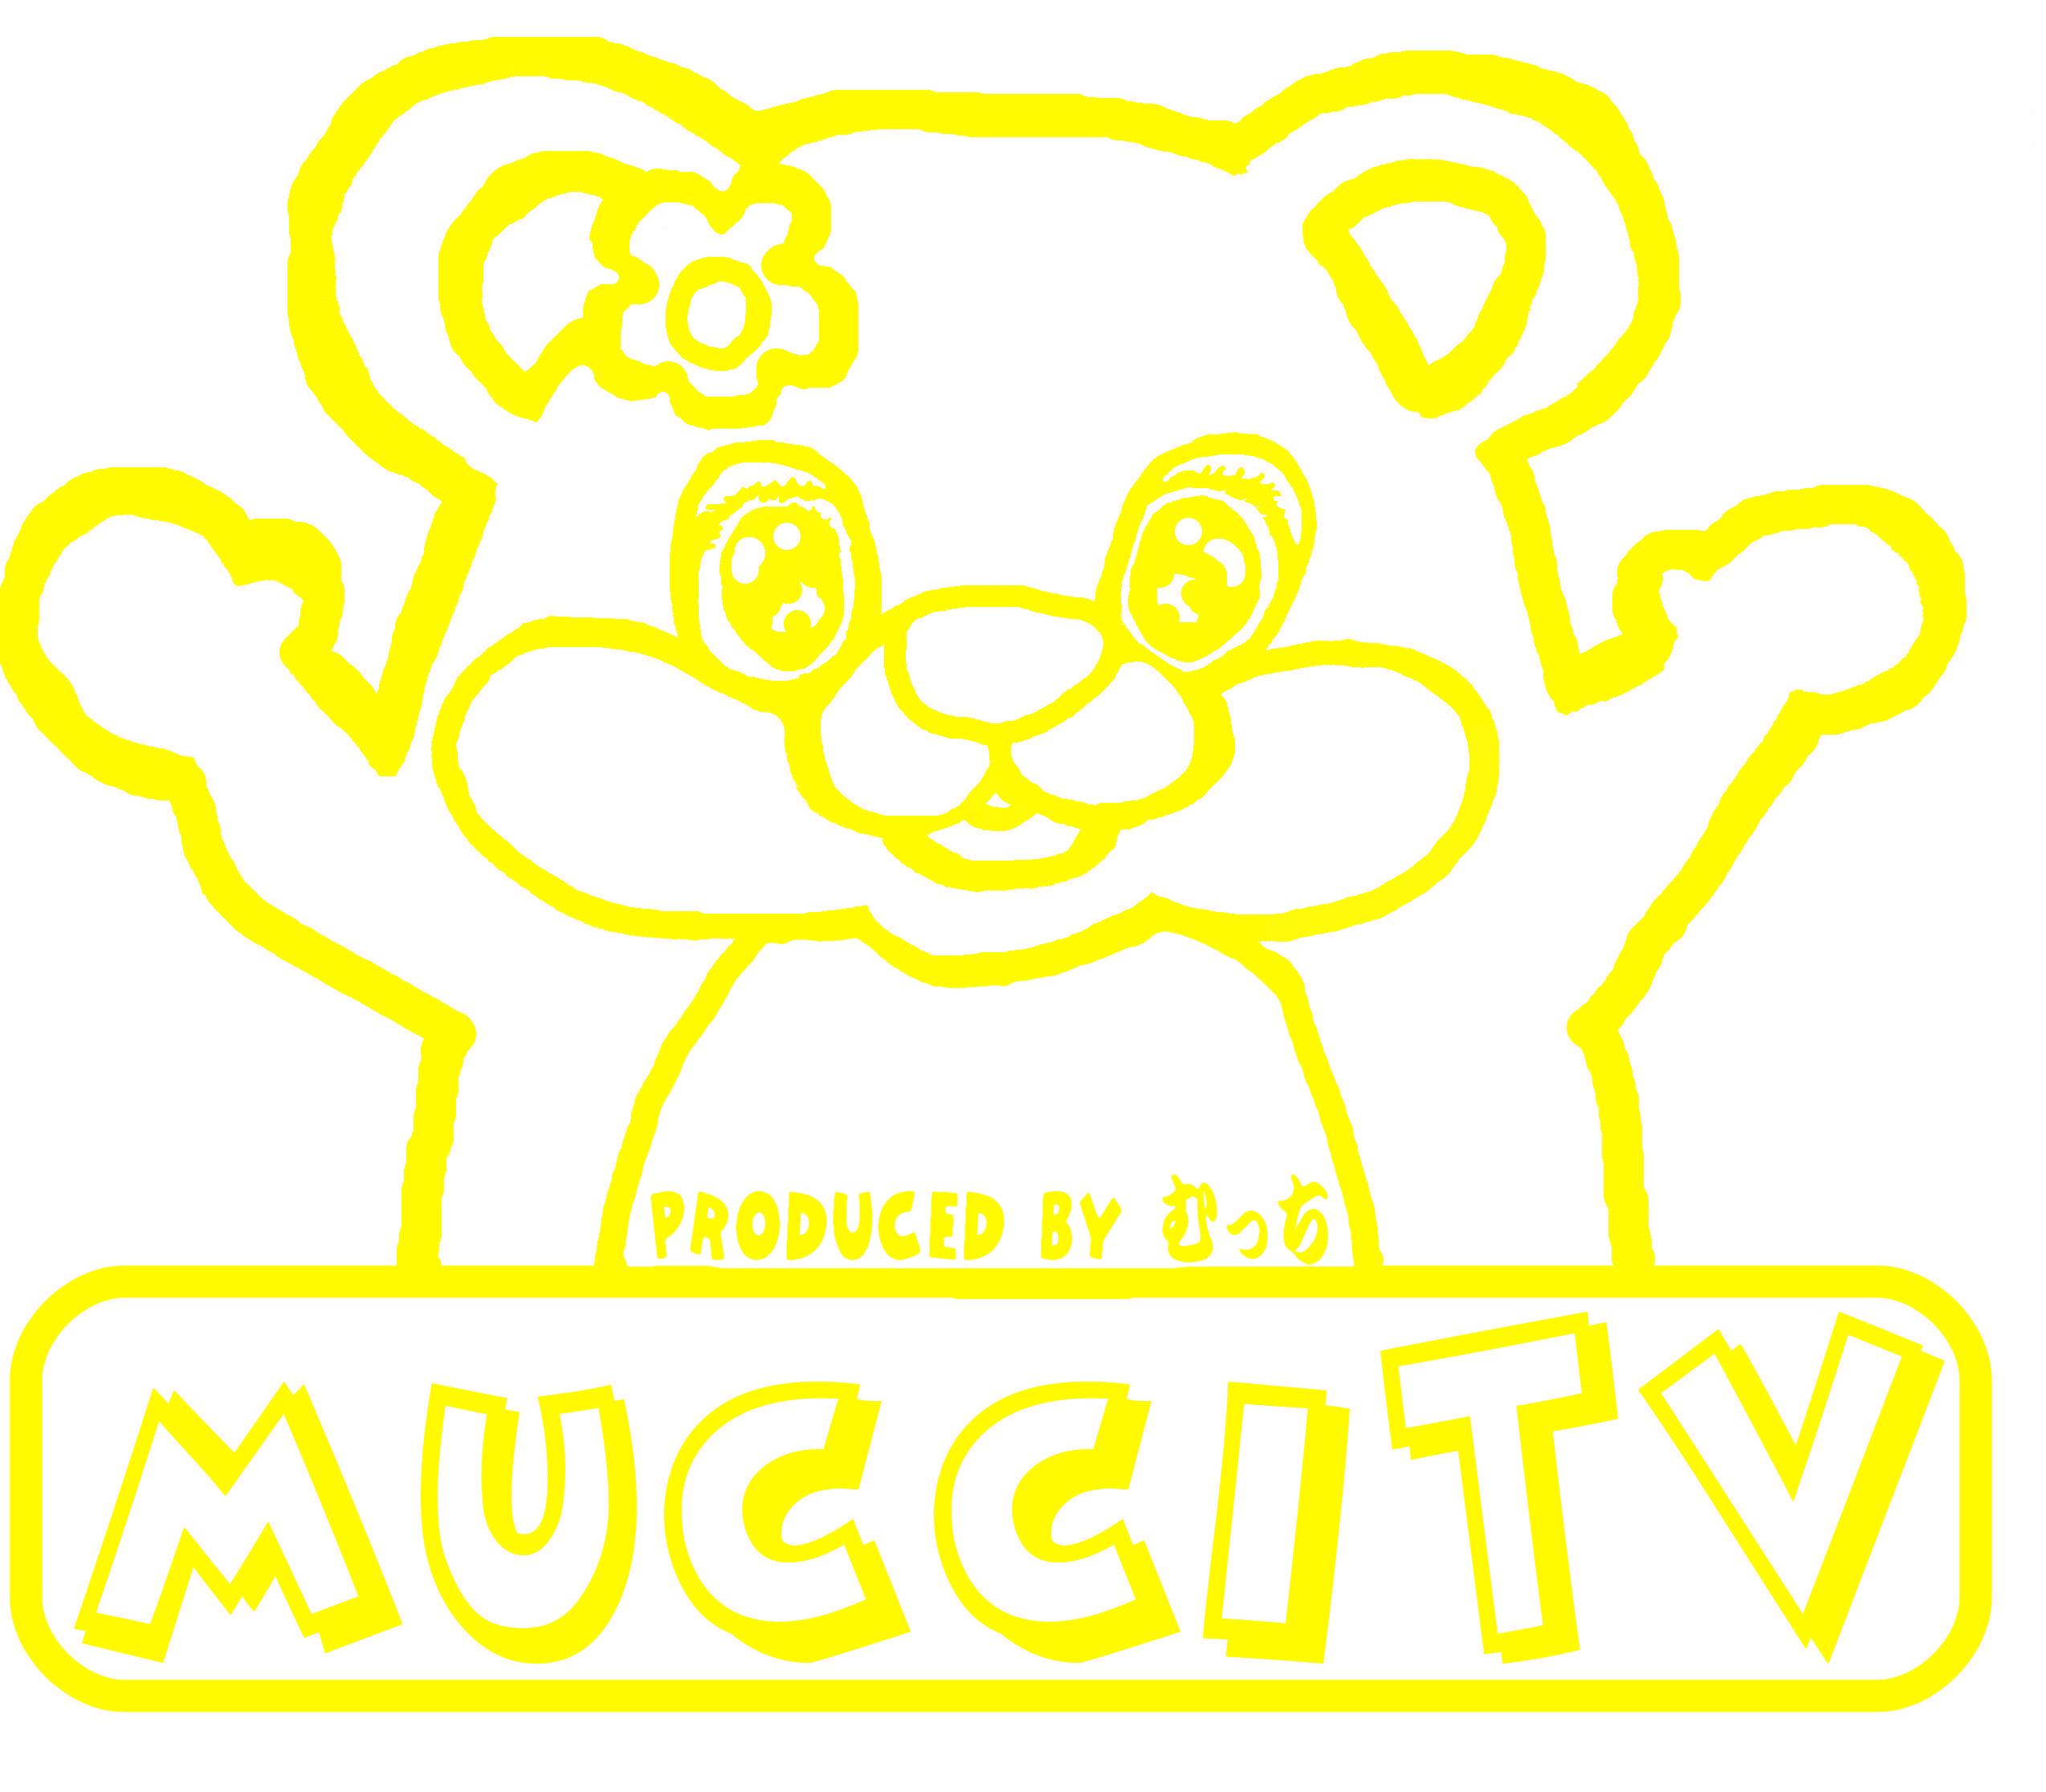 mucciTVデザインYouTubeチャンネルmucciTV内でmucciが着ているデザインと同じもの。 定番Tシャツ